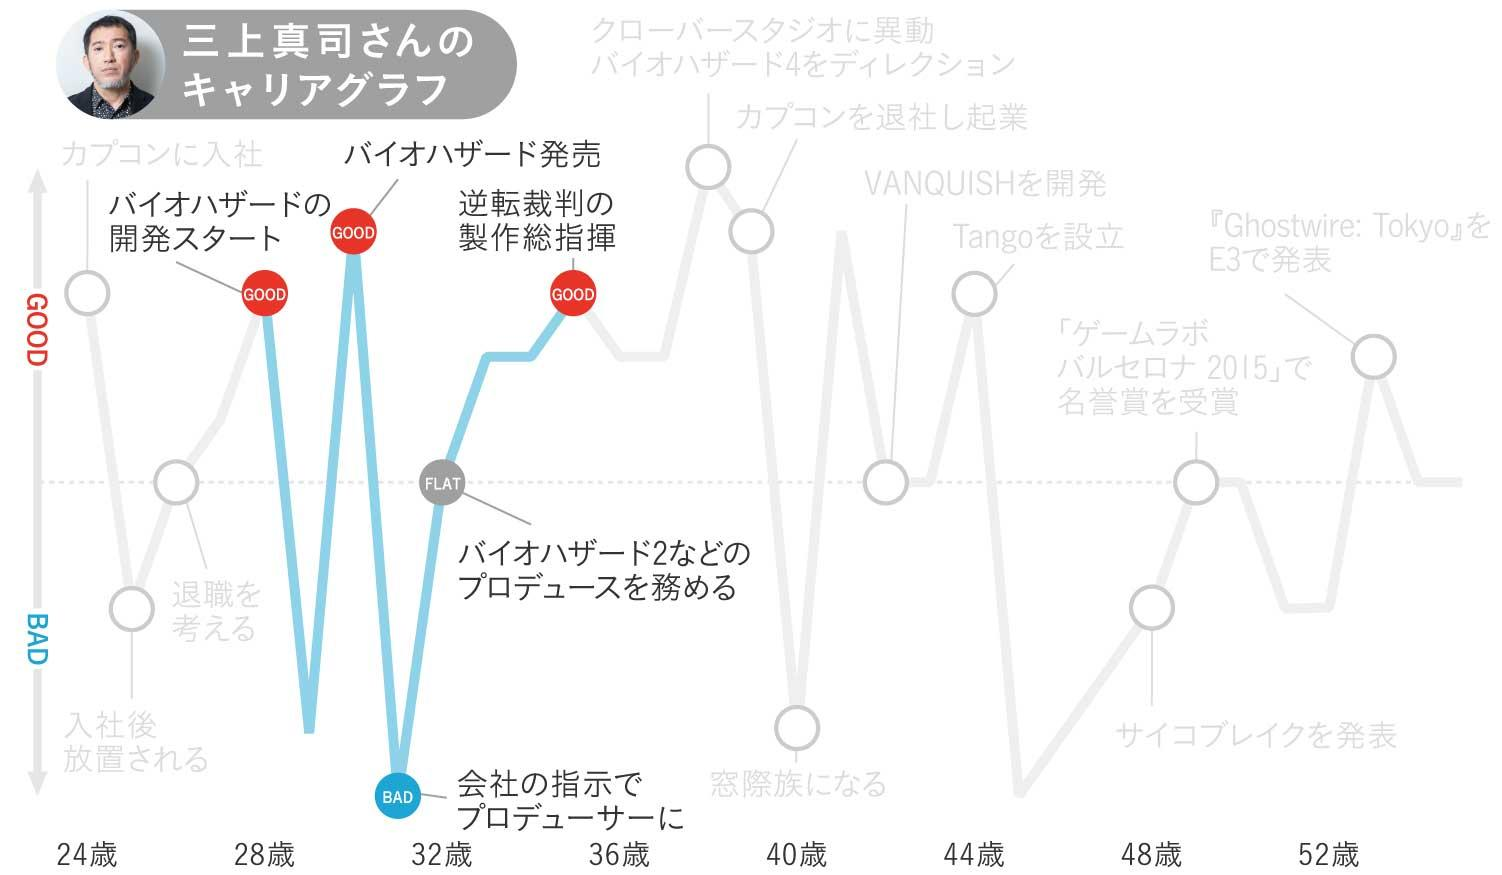 三上真司さんのキャリアグラフ2